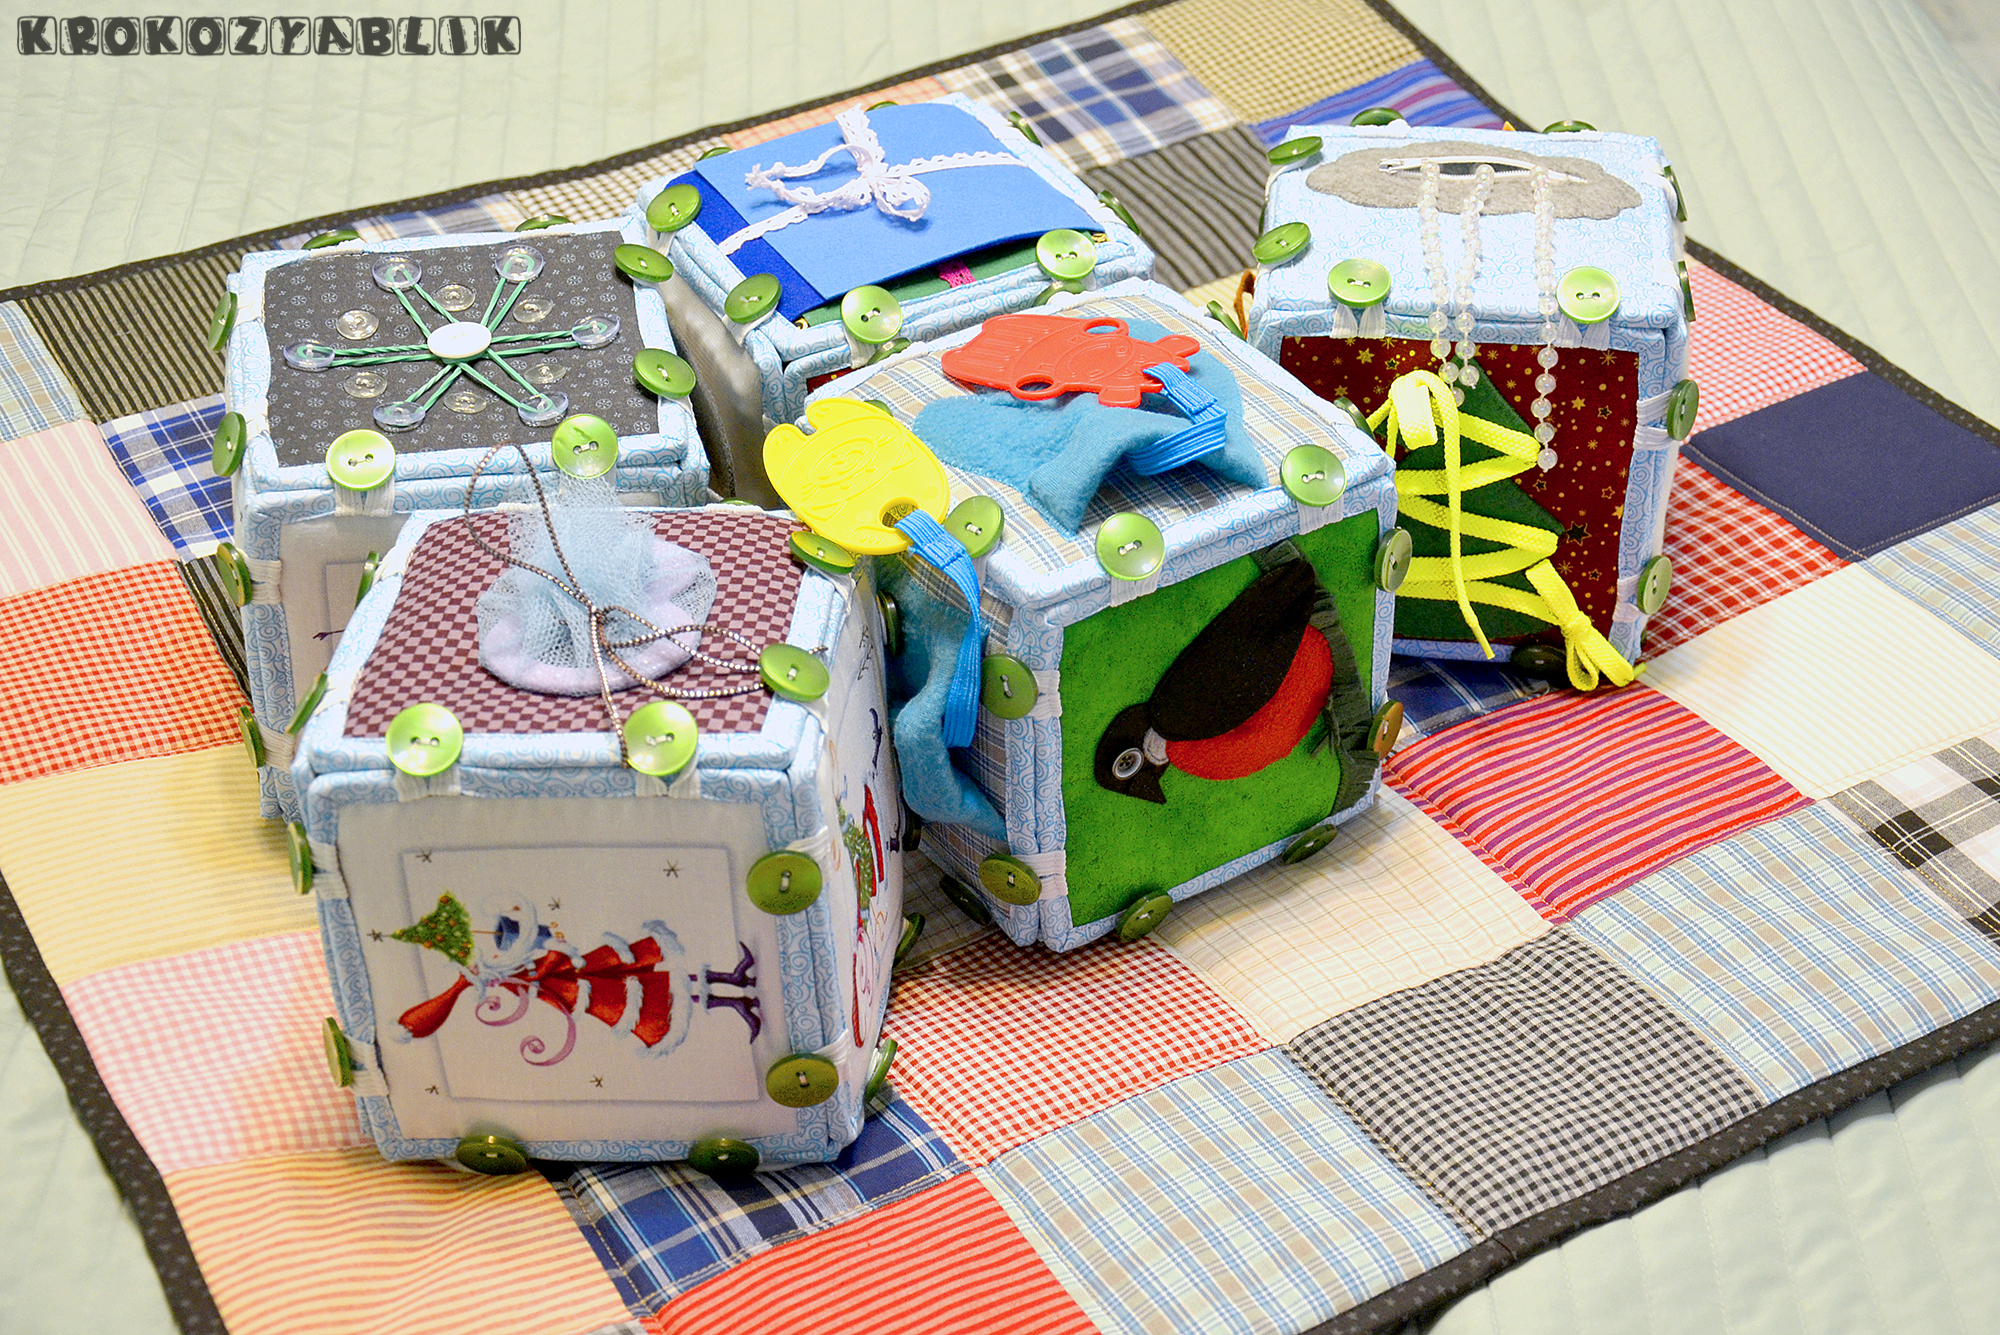 новогодние кубики плюс коврик (2).JPG